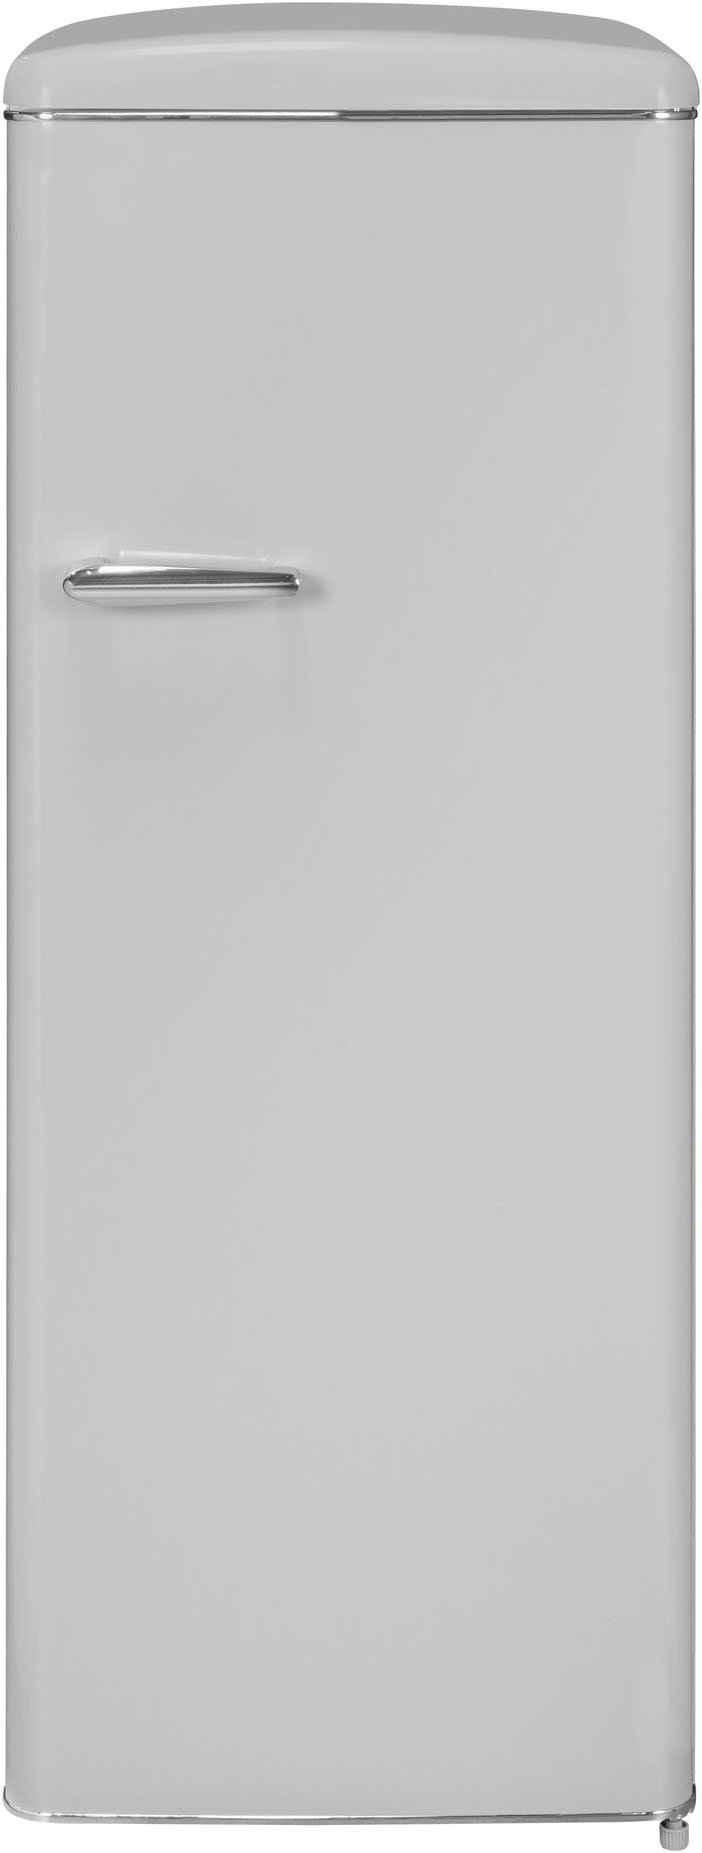 exquisit Kühlschrank RKS325-V-H-160F grau, 144 cm hoch, 55 cm breit